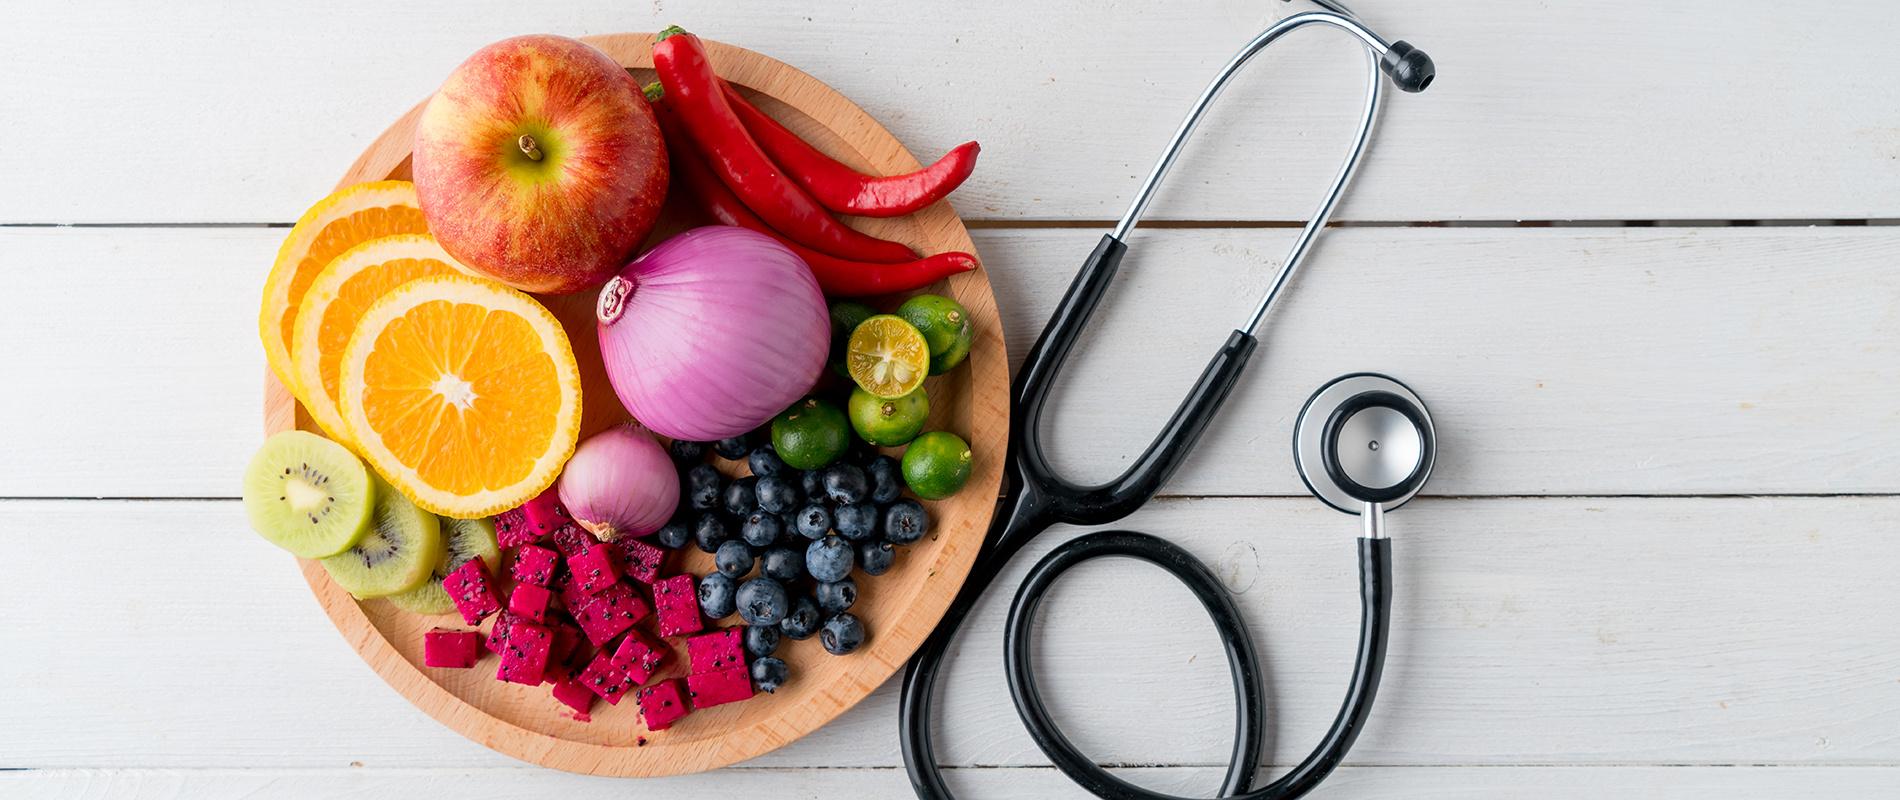 aki hogyan küzd a magas vérnyomás ellen